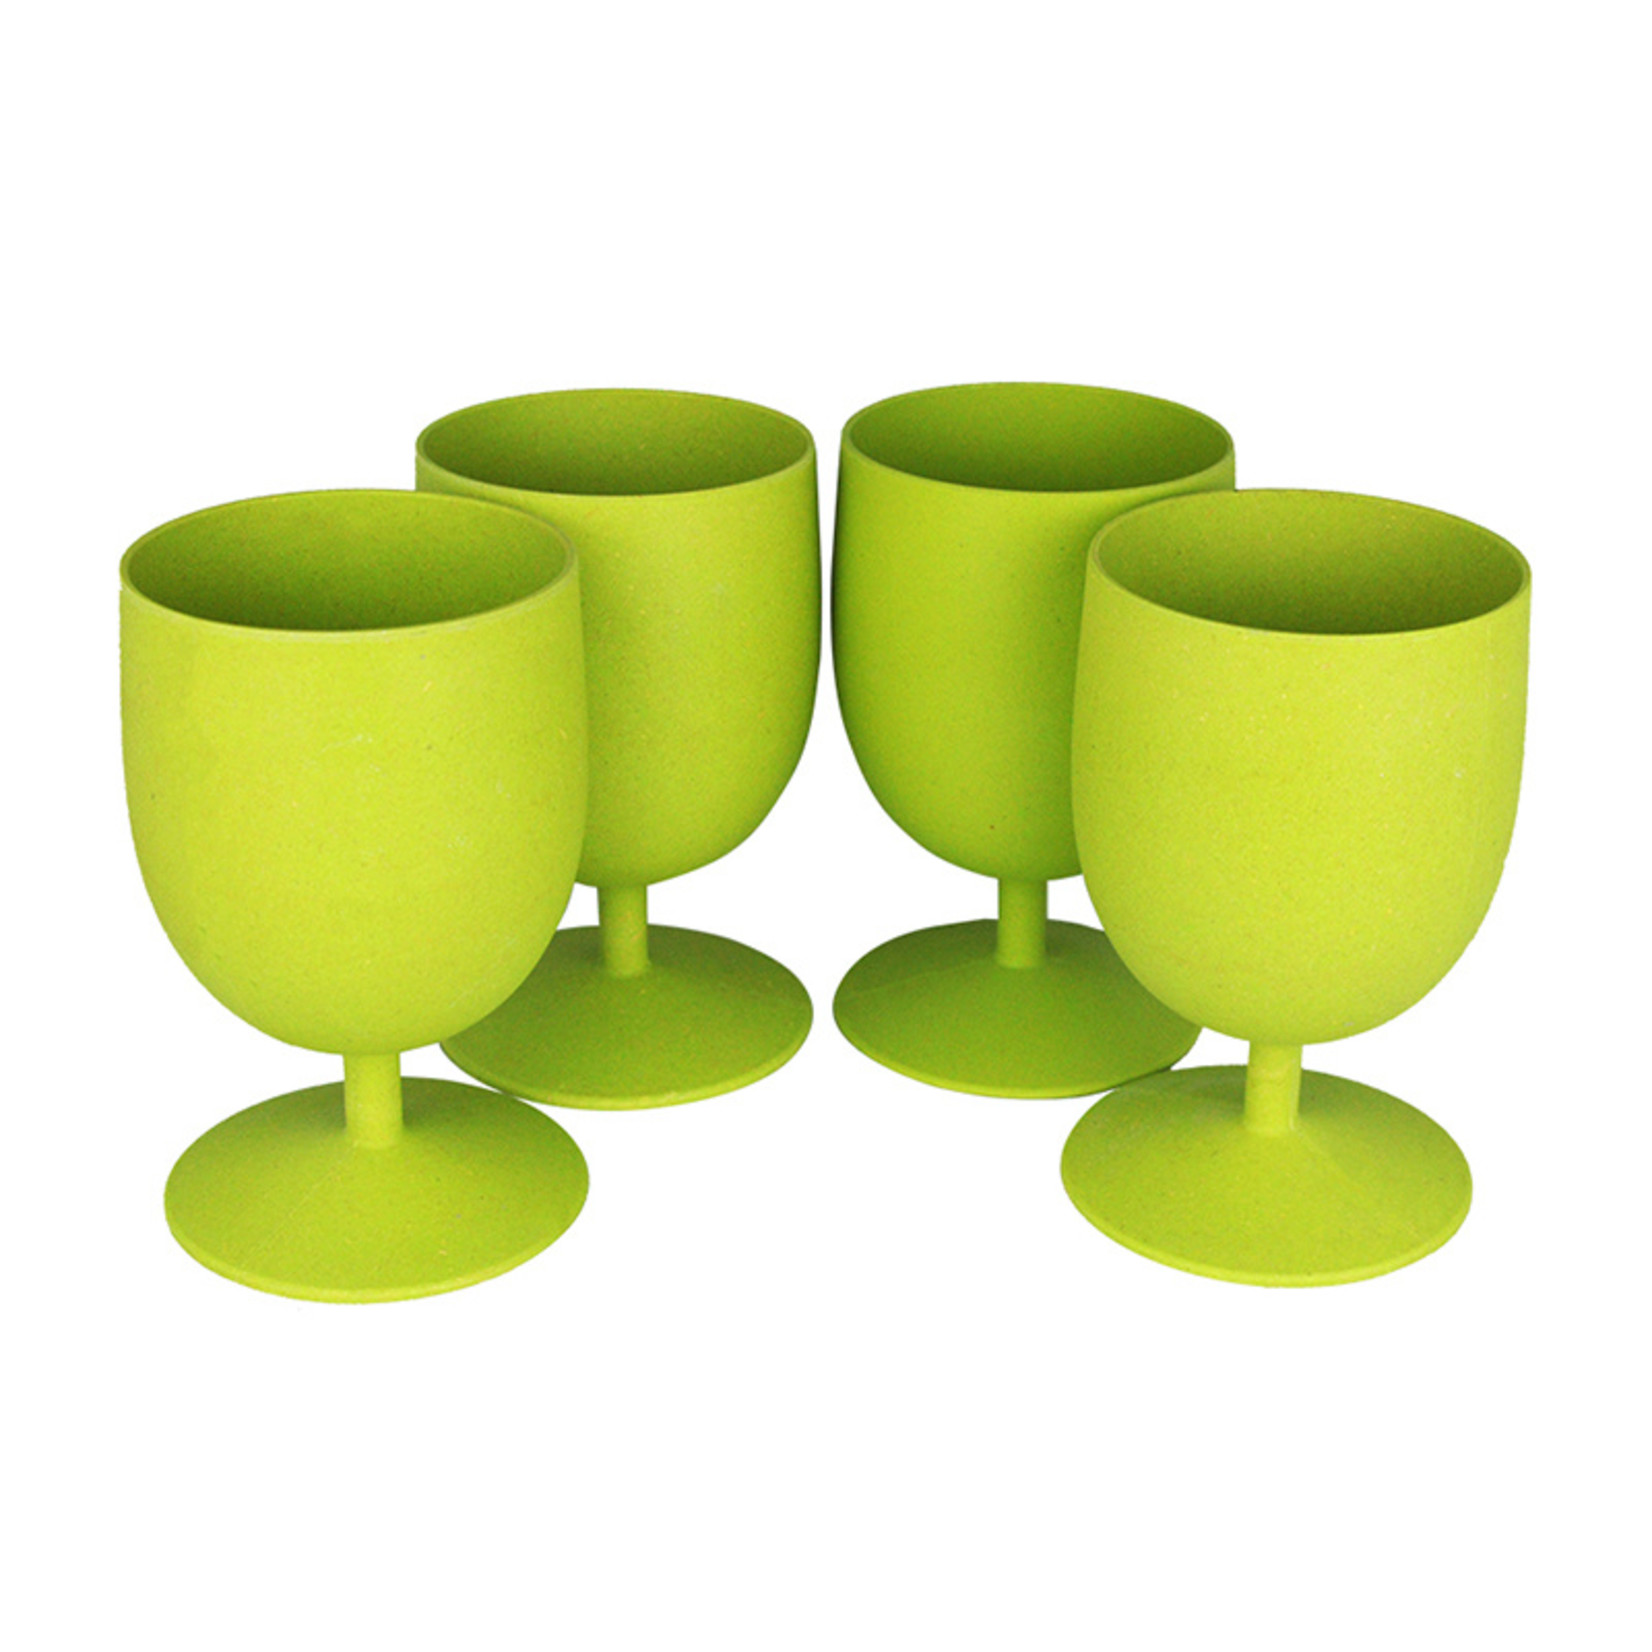 EcoSoulife EcoSoulife 4pc goblet set